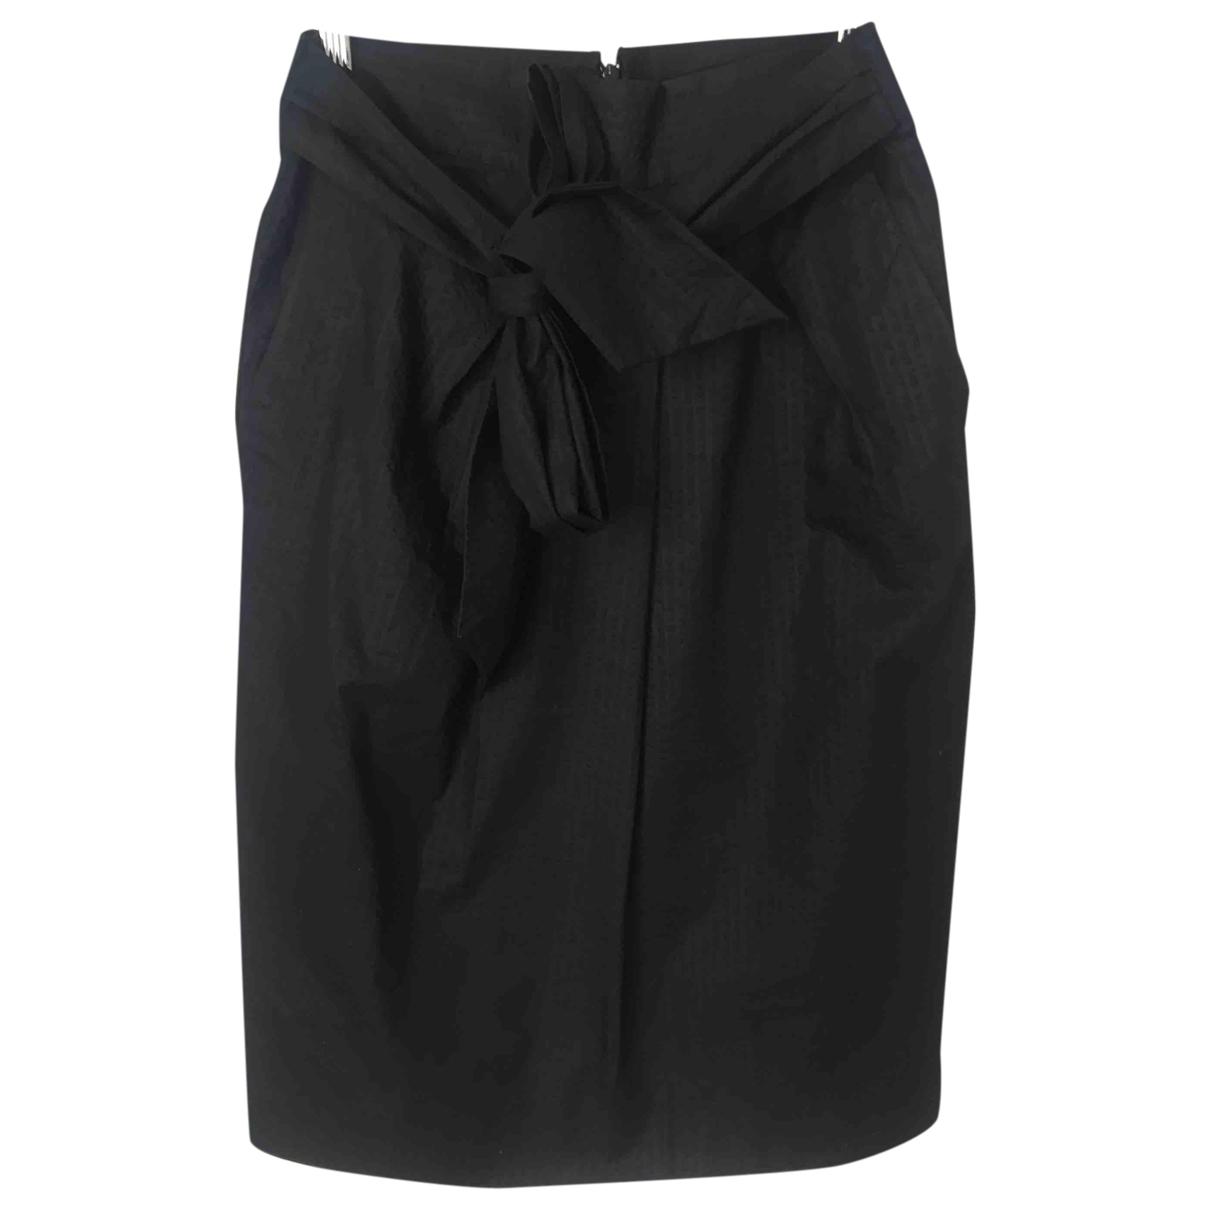 J.crew \N Black Cotton skirt for Women 6 US